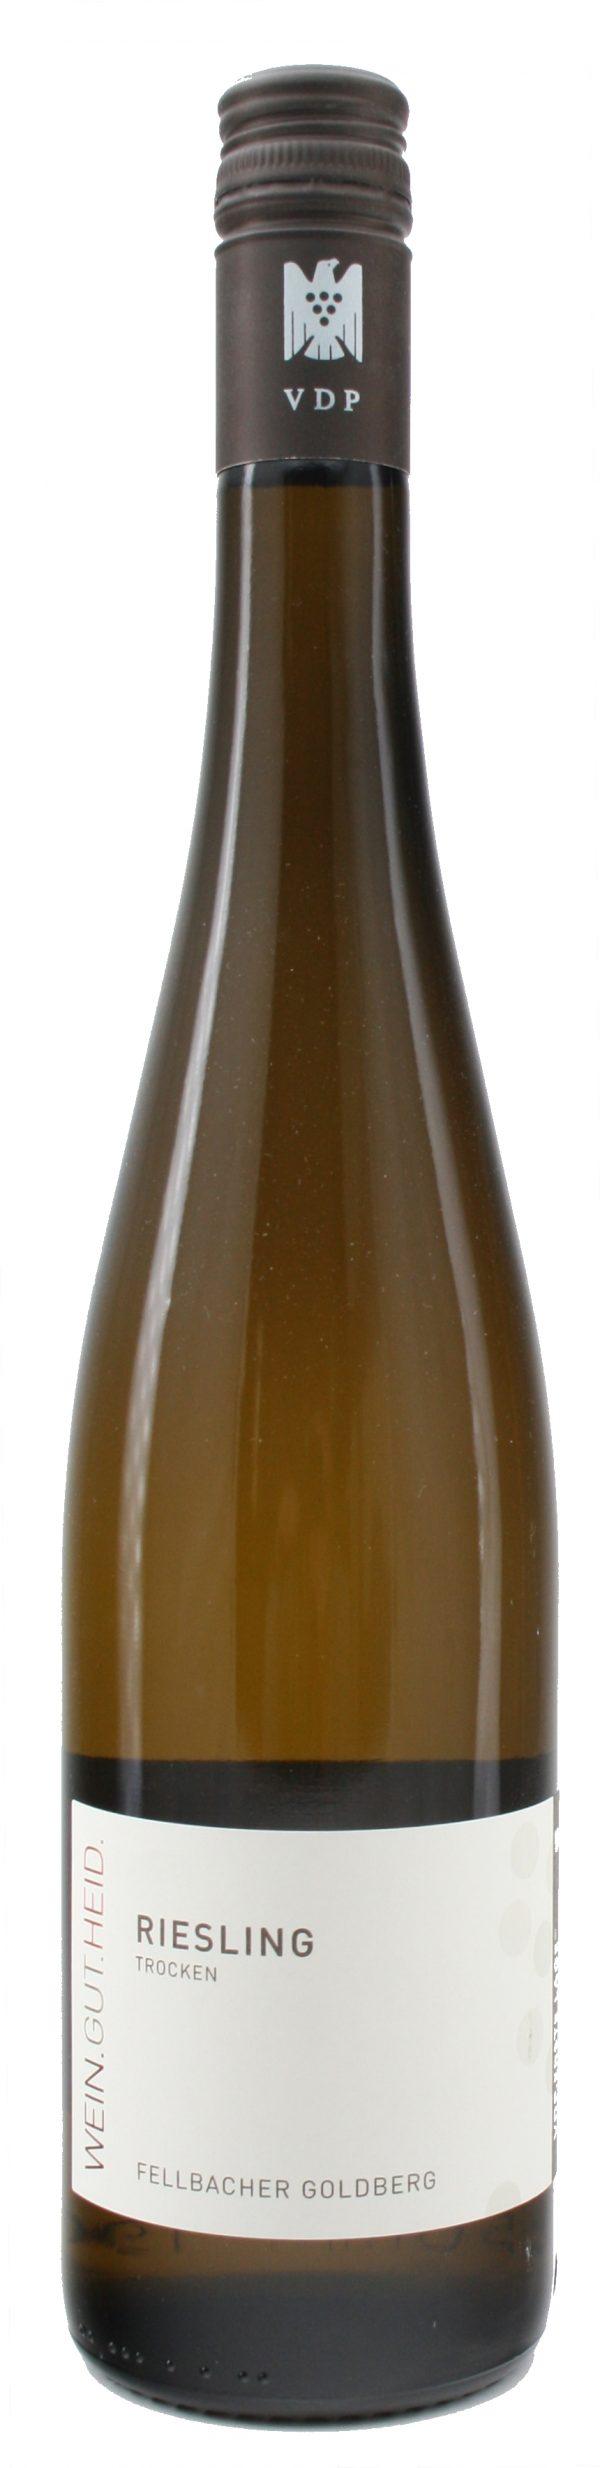 Fellbacher Goldberg Riesling Qualitätswein trocken 2017